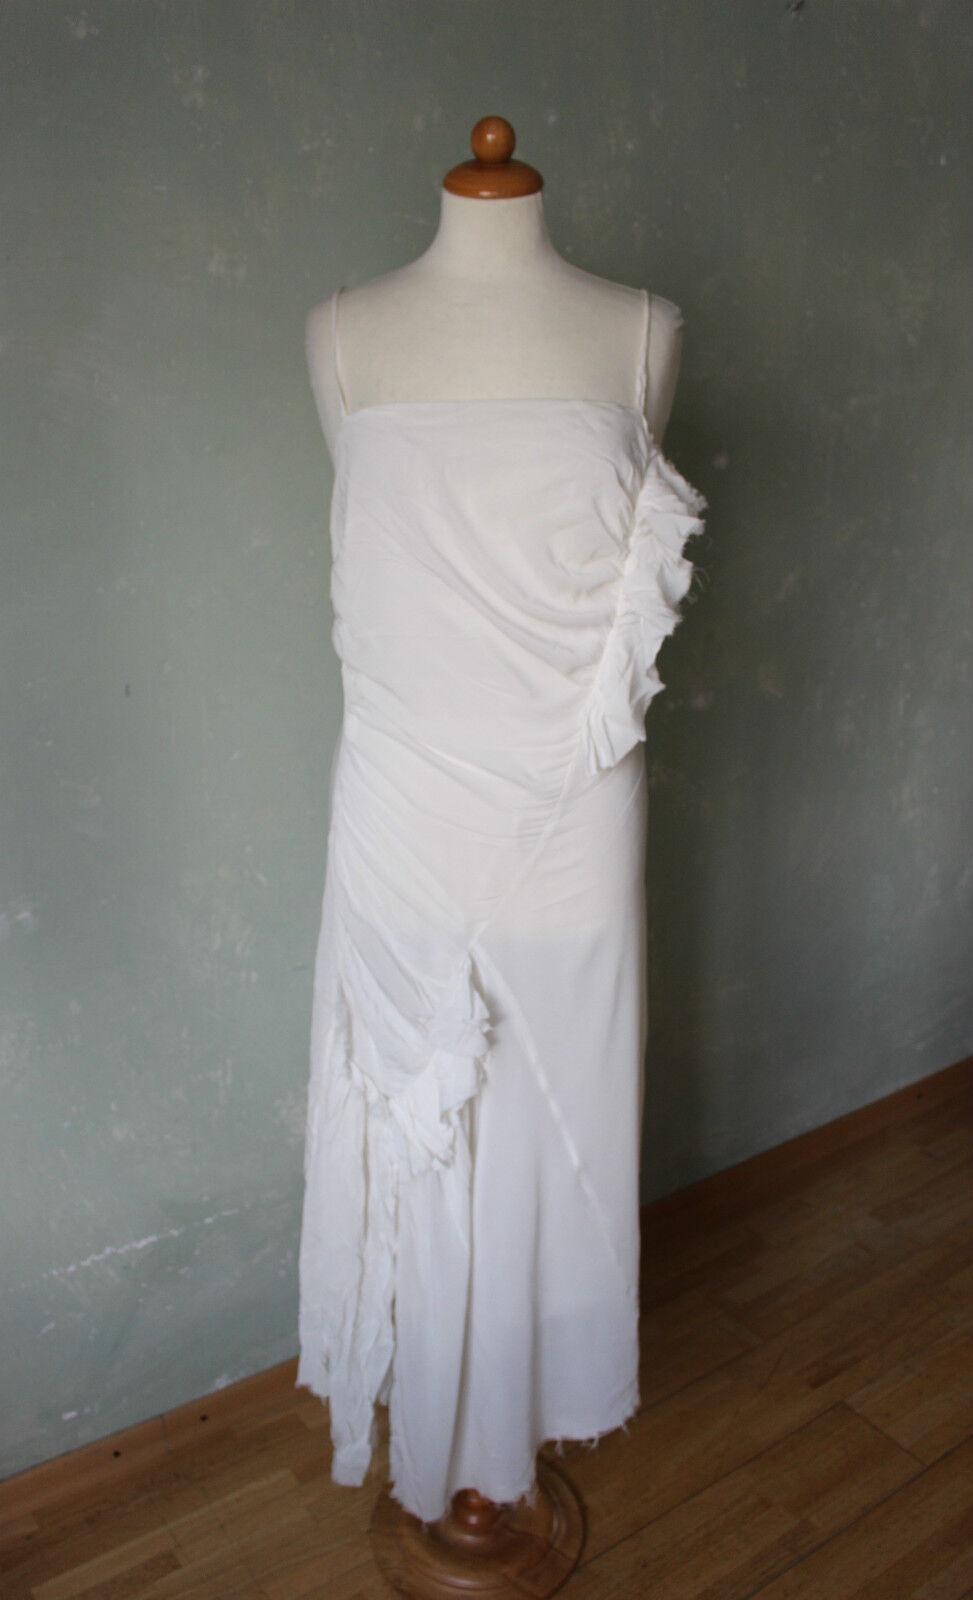 Kleid Hochzeitskleid Boho Ethno Weiss weiß Rüschen lang 36 S   38 M (IT44) (K15)